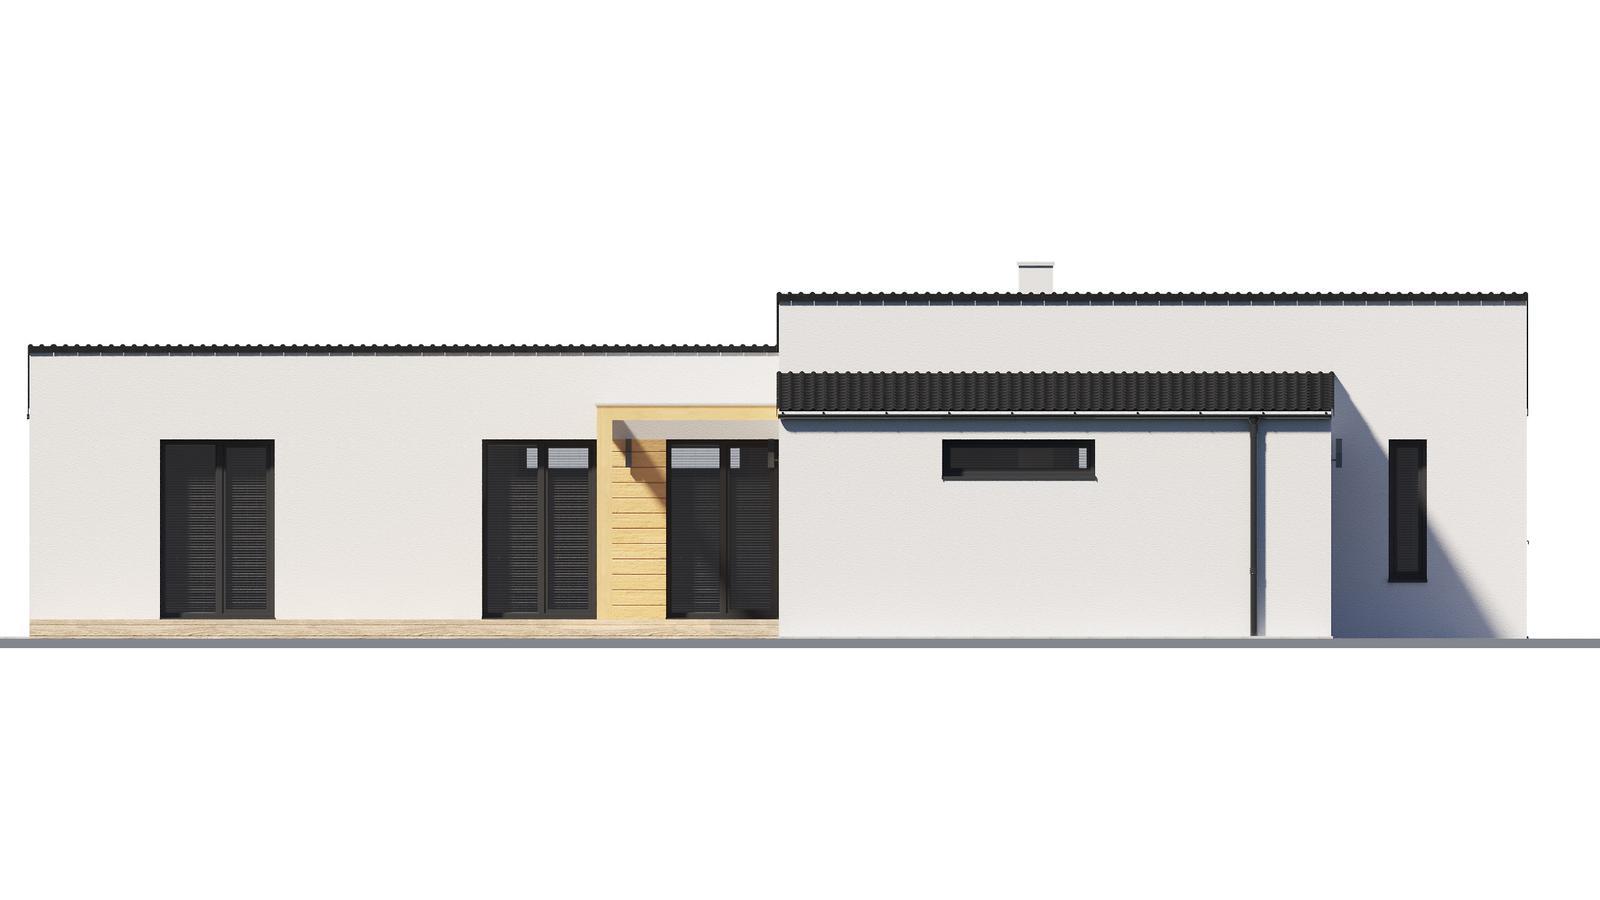 Ďalšie ukážky návrhov domčekov pre Vás - www.rodinny-dom.eu - Obrázok č. 4